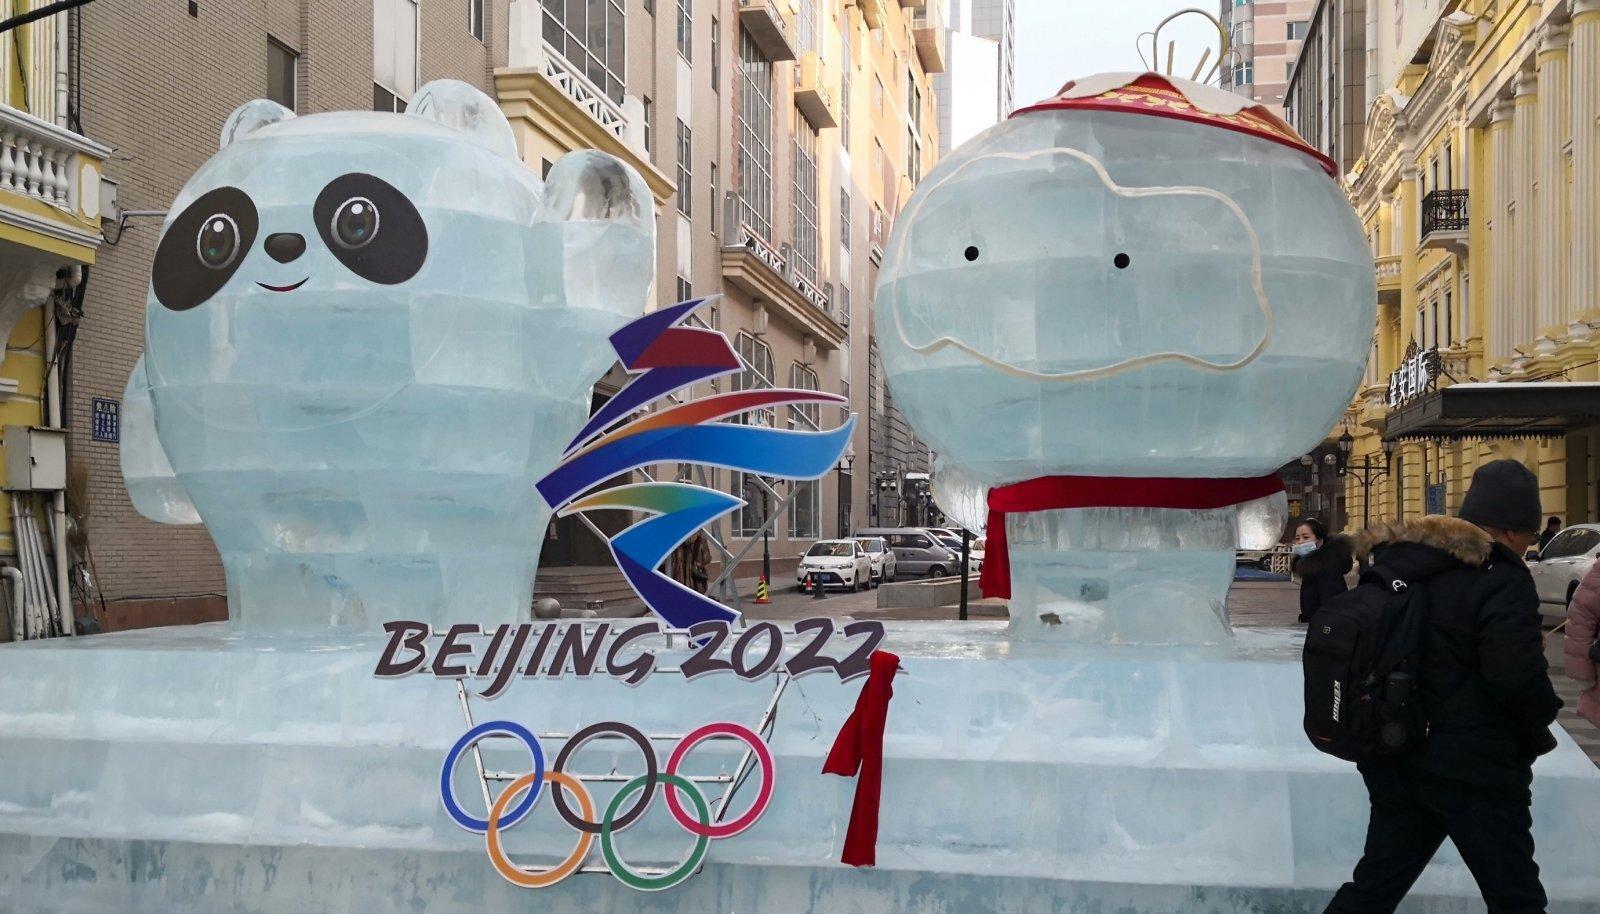 Pekingi taliolümpiani jääb aasta. Olümpiapiletite omanikud selguvad lõplikult tuleval jaanuaril.